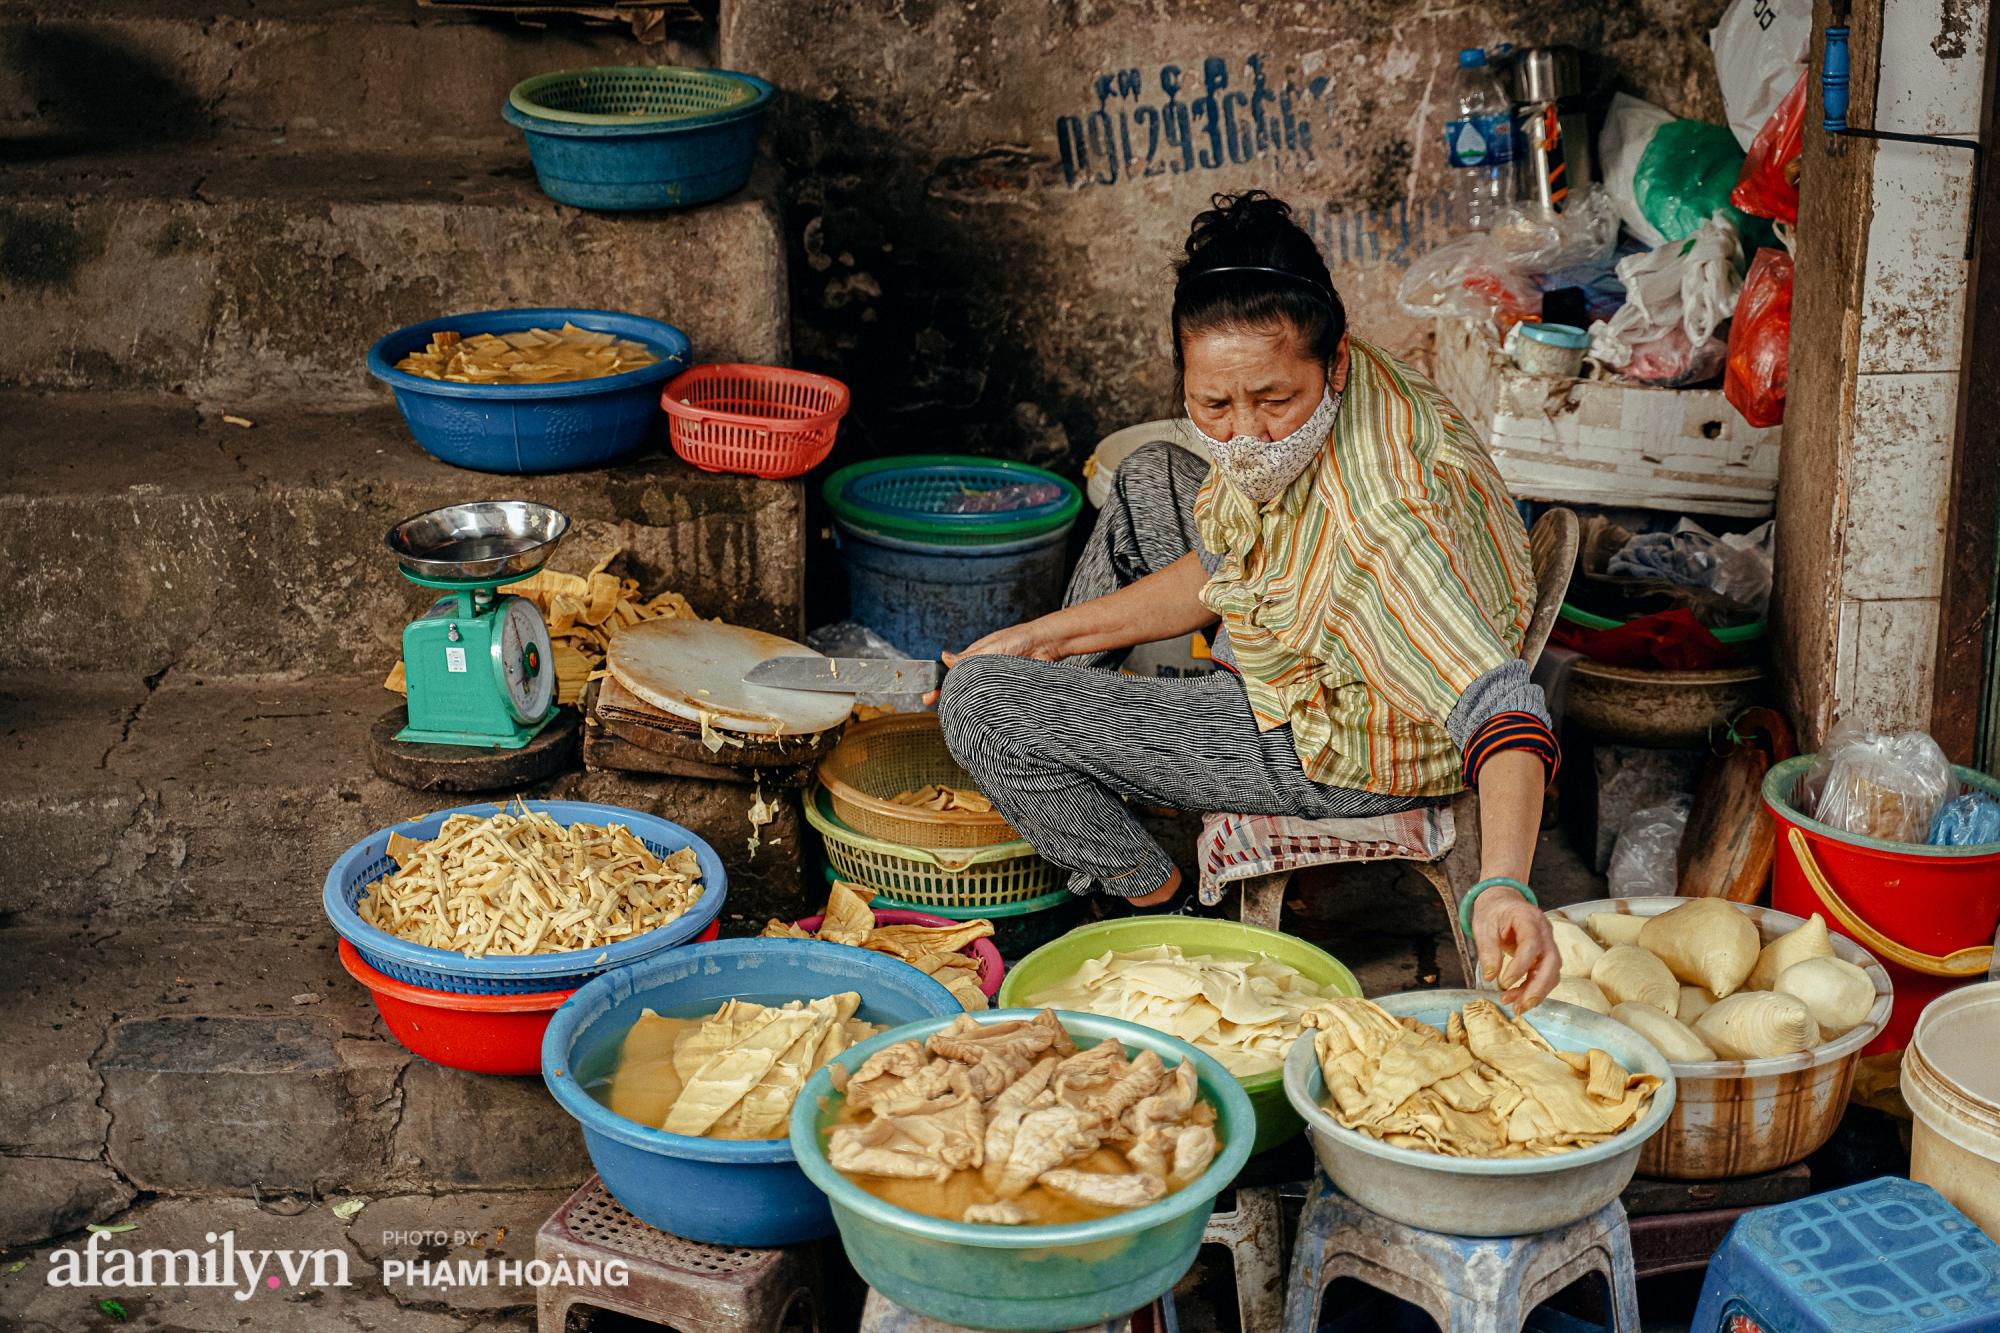 Ngày cuối năm bình yên trong ngõ chợ Thanh Hà - ngôi chợ lâu đời nhất phố cổ được giới nhà giàu chuộng mua vì toàn đồ chất lượng tươi ngon - Ảnh 13.